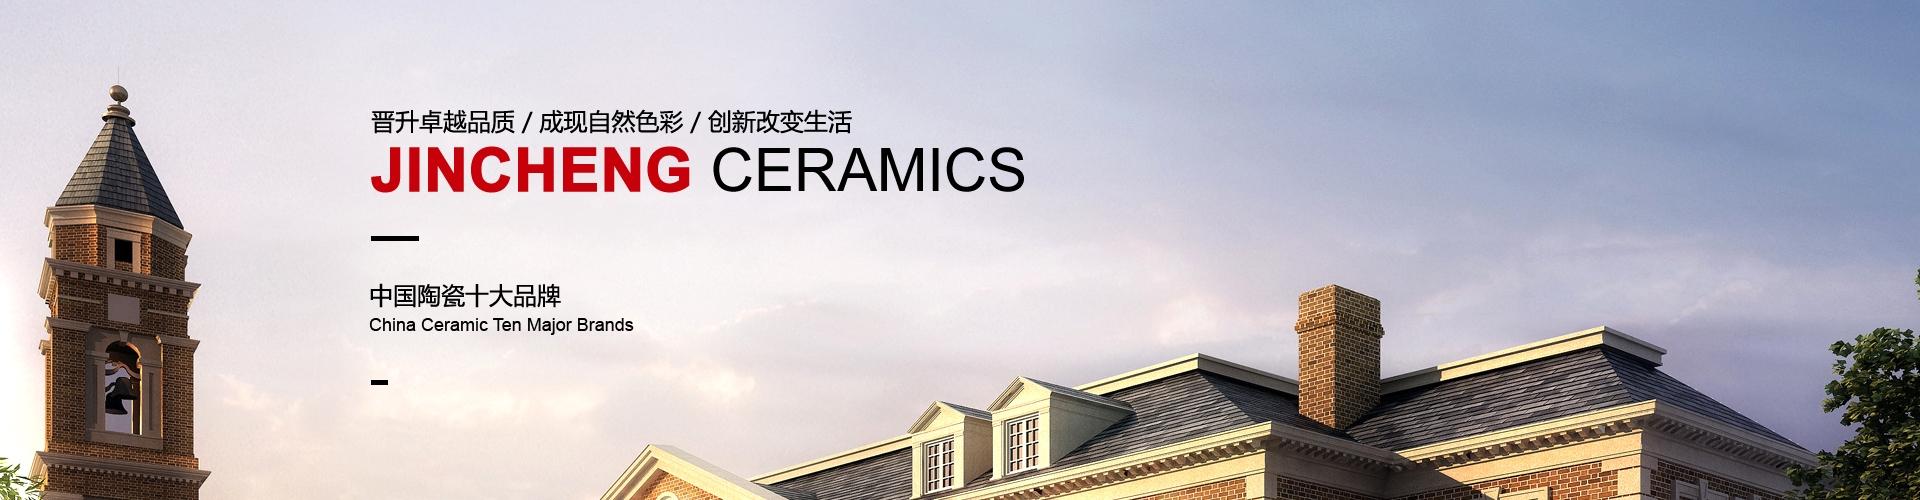 大理石瓷砖品牌-晋成瓷砖